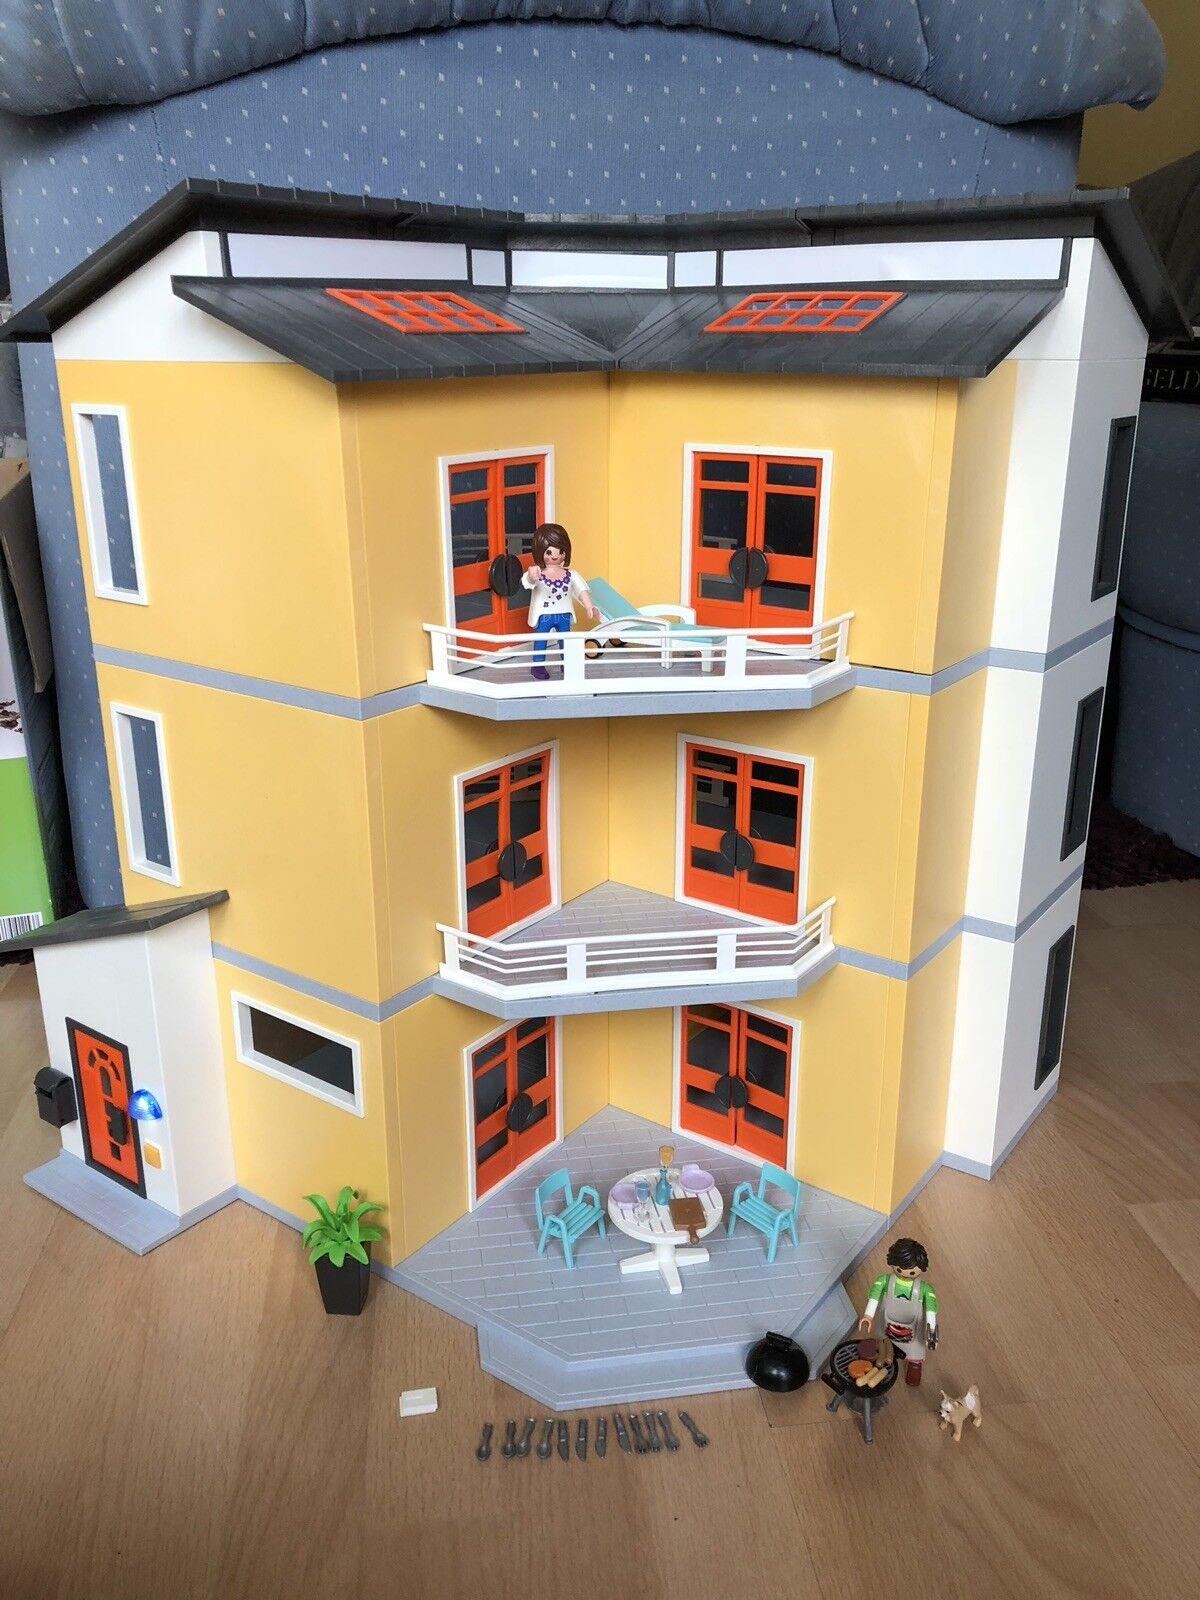 Playmobil 9266 Modernes Wohnhaus mit mit mit Zusatzetage 6554 Erweiterung Klingel Licht ea188d